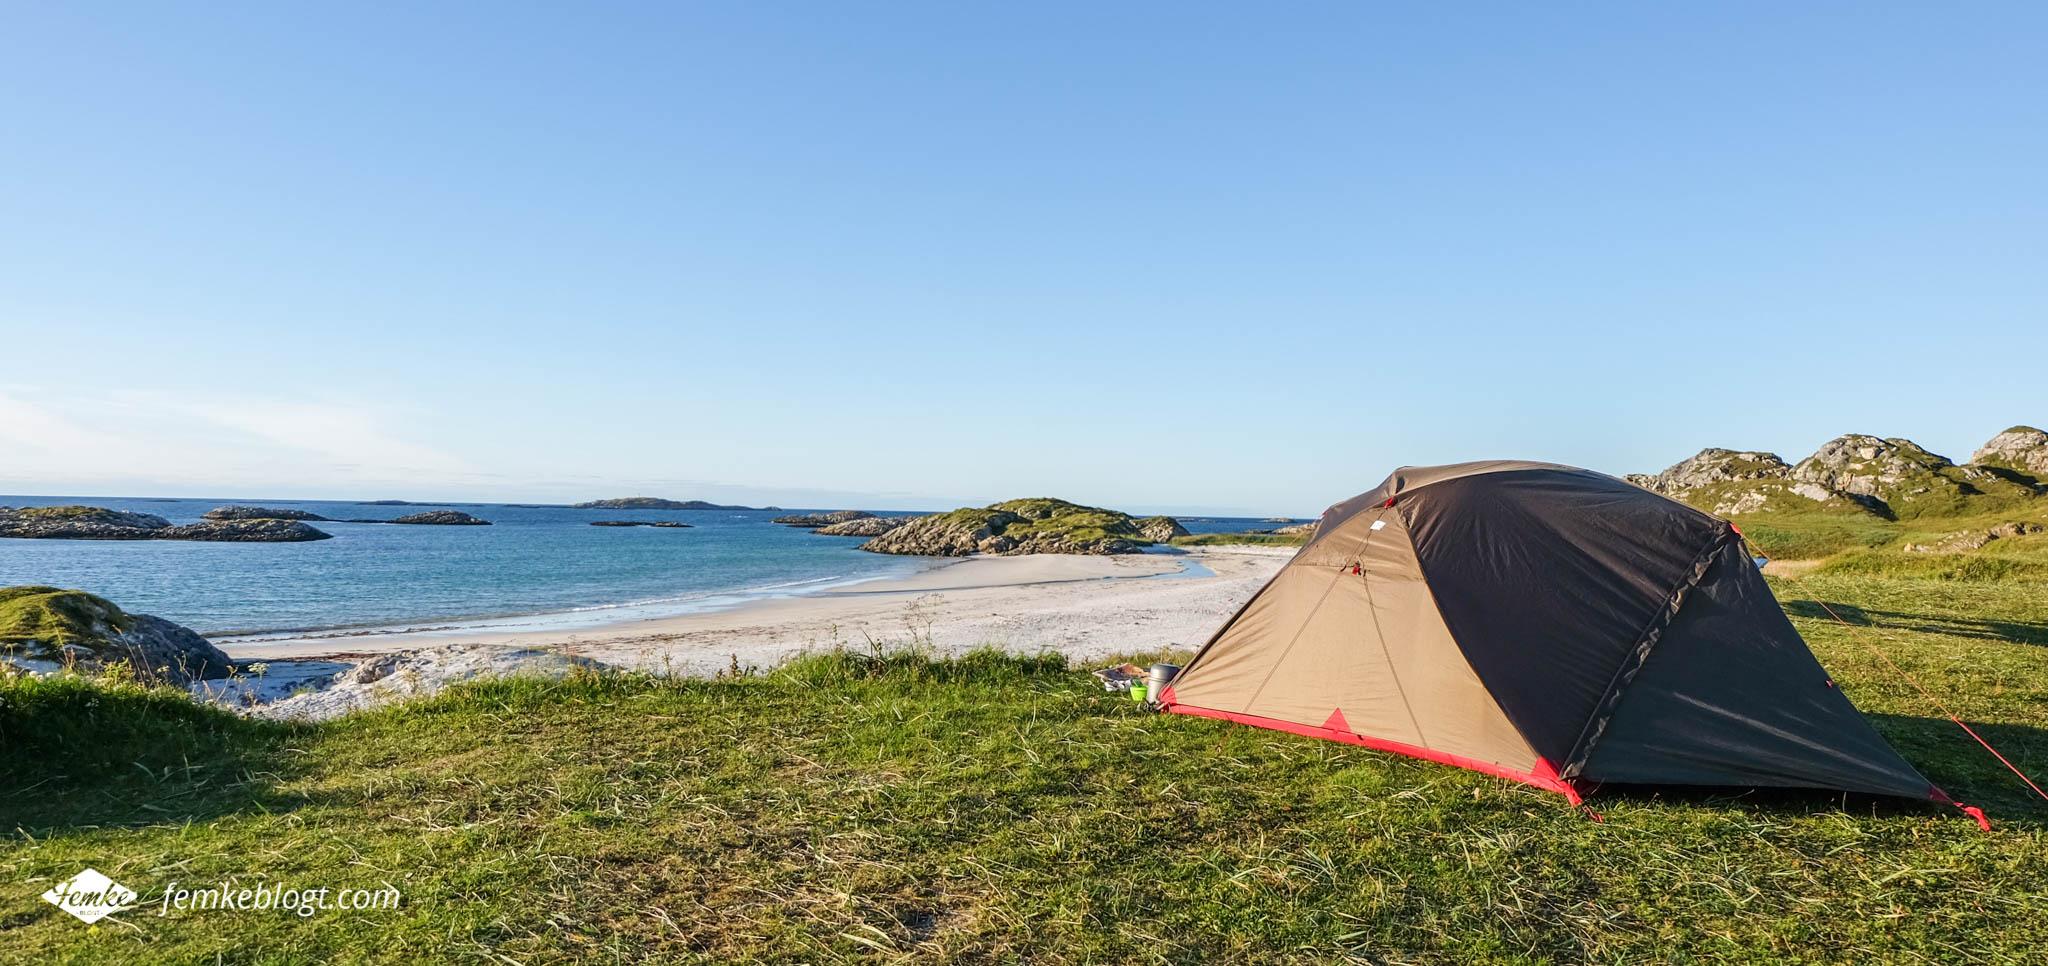 Voorbereiden meerdaagse wandeltocht - Spullen aanschaffen zoals een tent